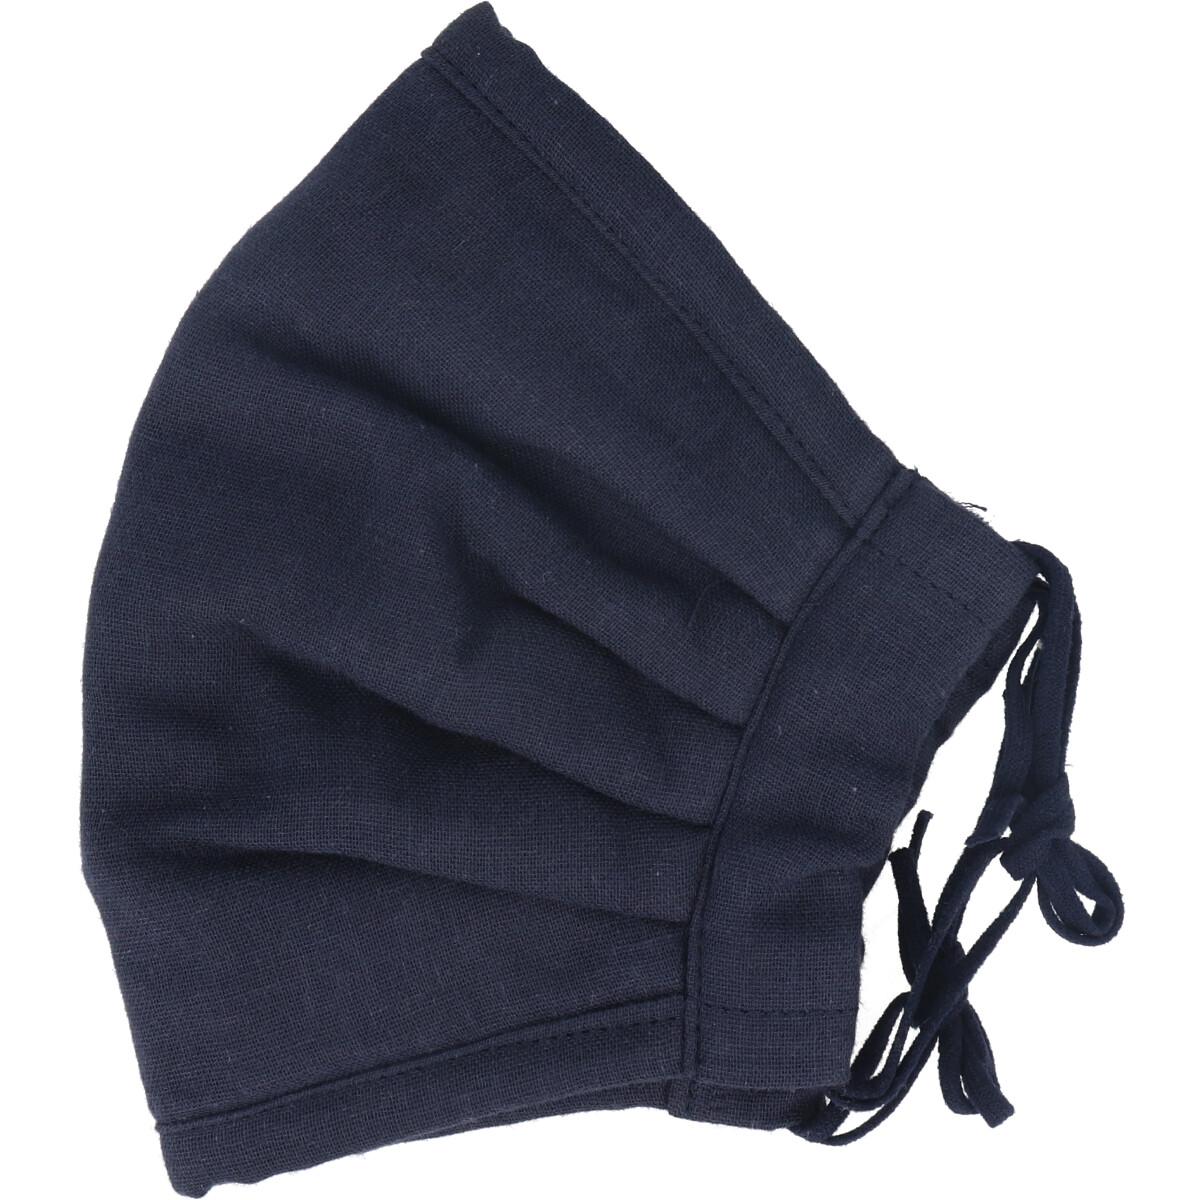 ふわふわマスク 今治産タオル 超敏感肌用 ネイビー ゆったり大きめサイズ 1枚入